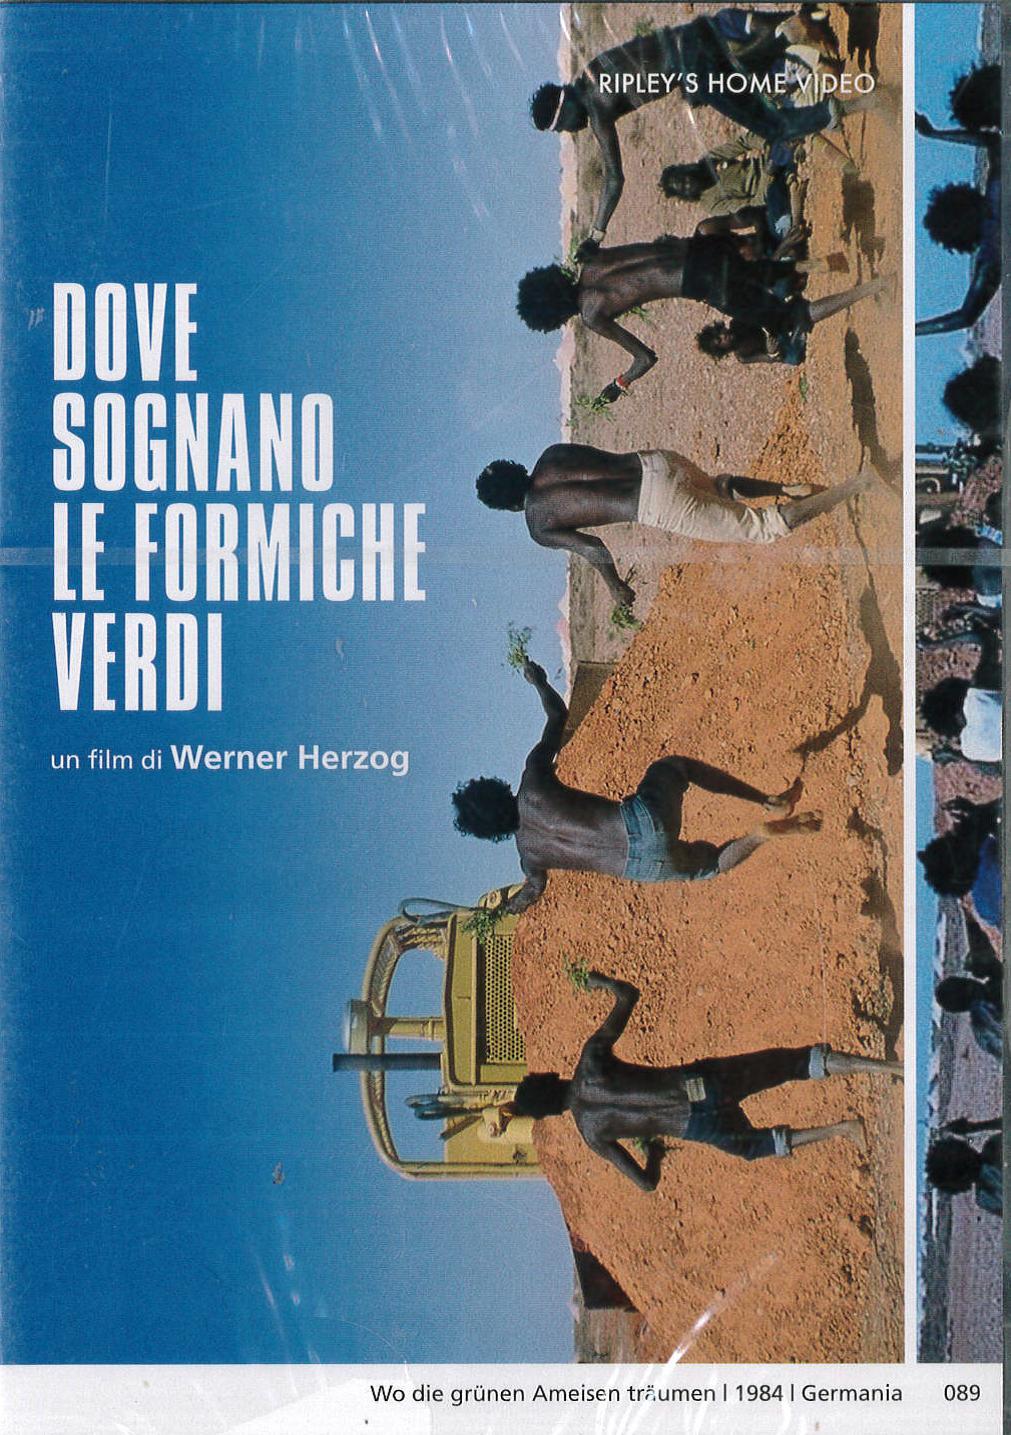 DOVE SOGNANO LE FORMICHE VERDI (2 DVD) (DVD)